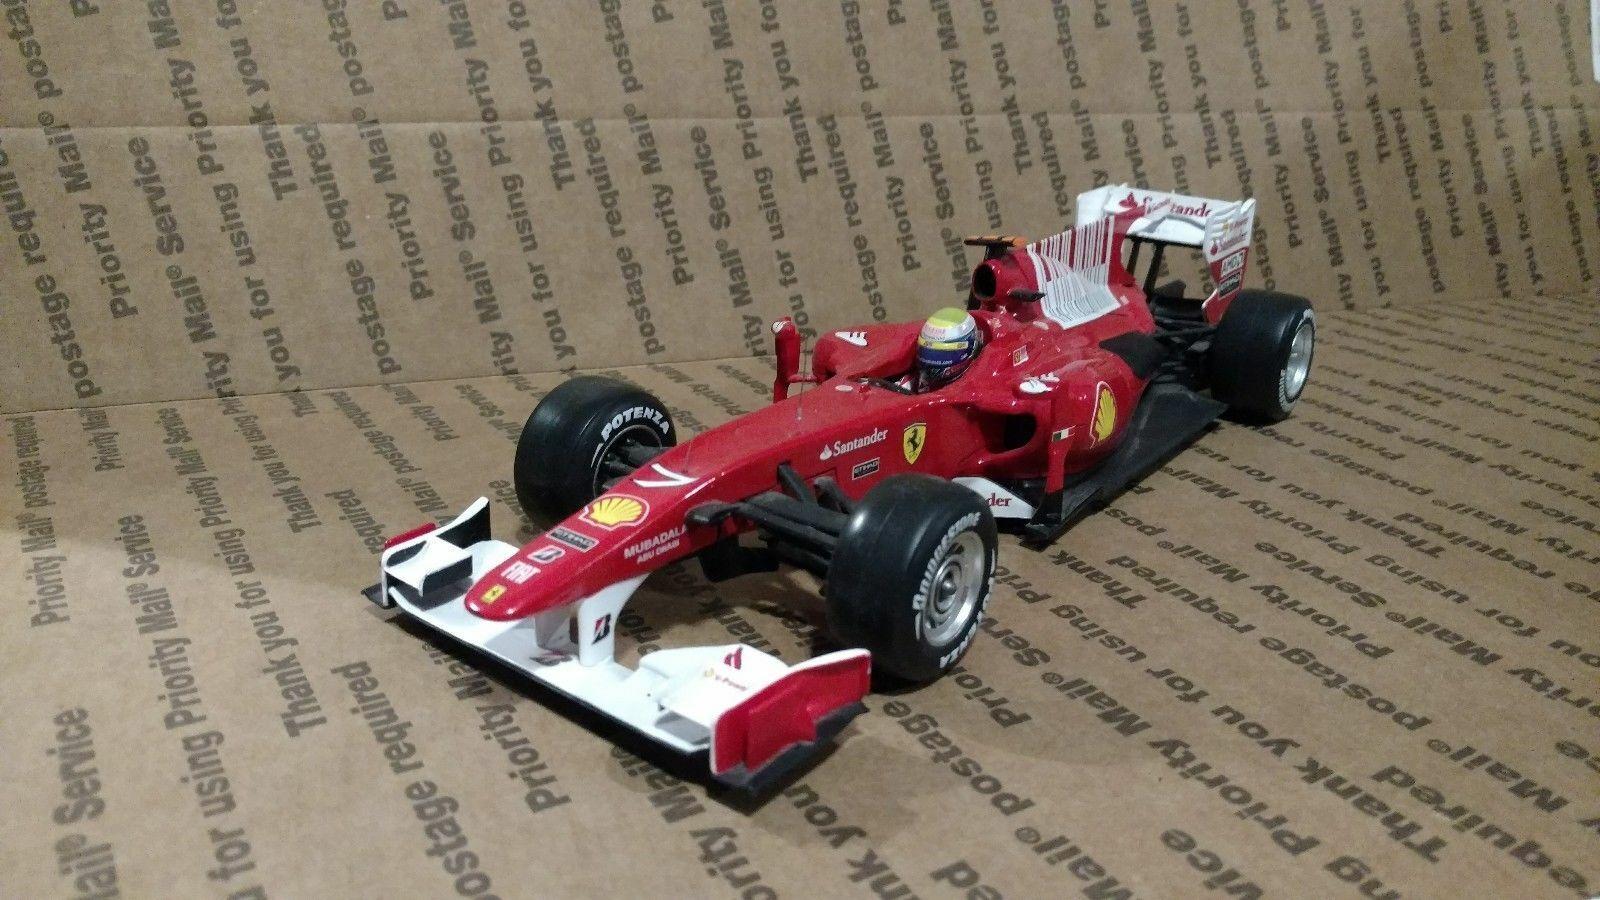 1 18 Hot Wheels FERRARI F1 F10 F. MASSA BAHRAIN GP, DIE CAST